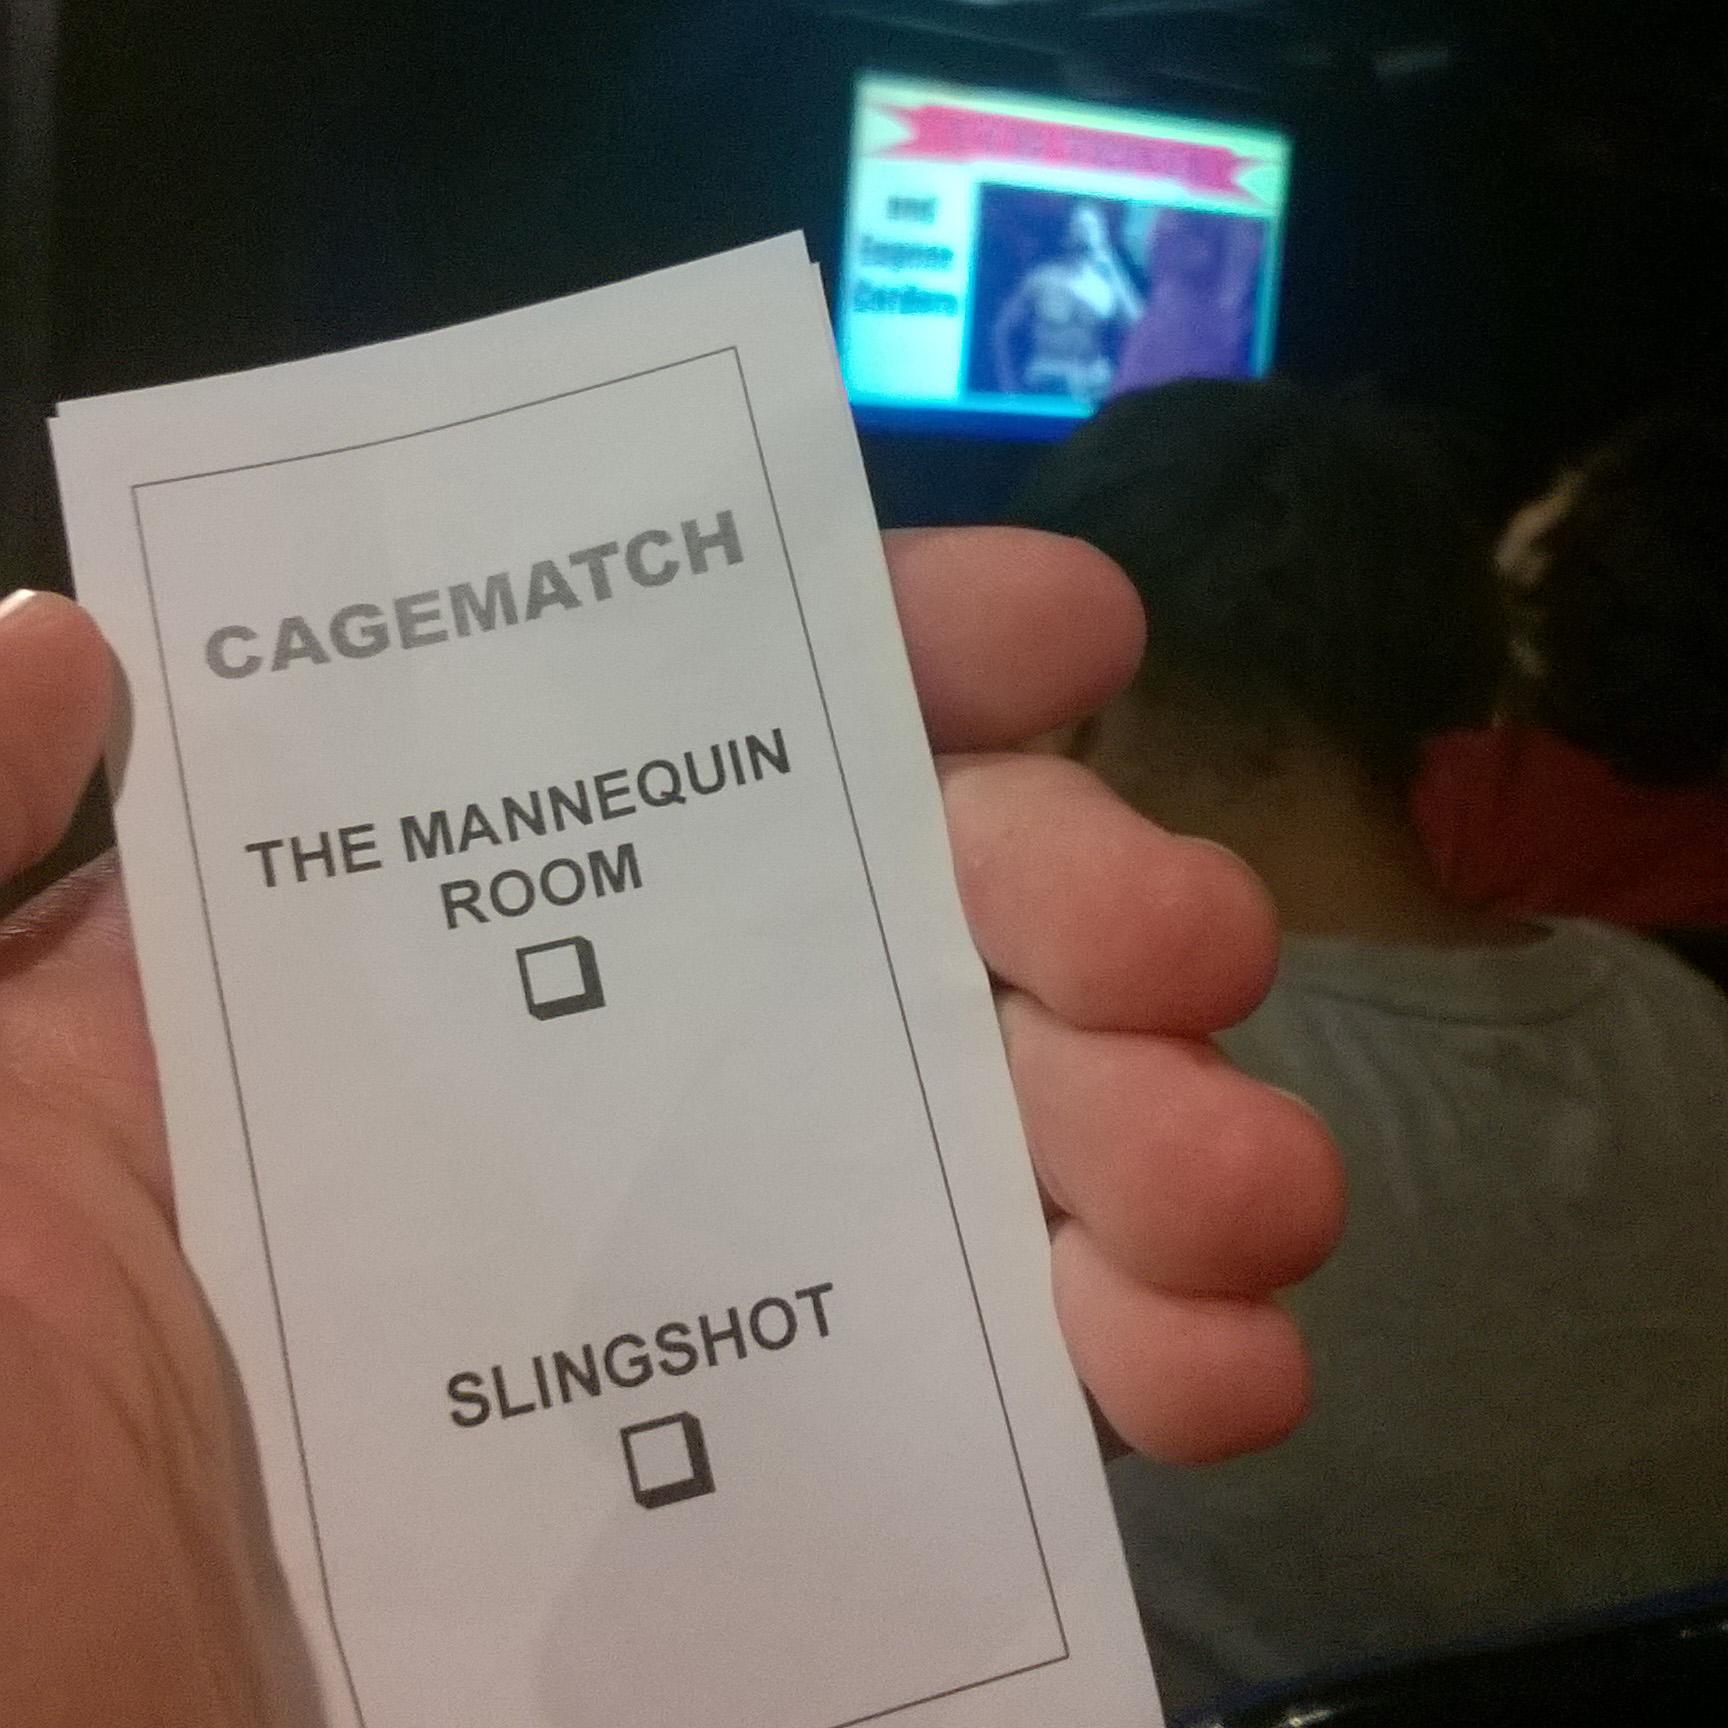 Kartka do głosowania w Cage Match